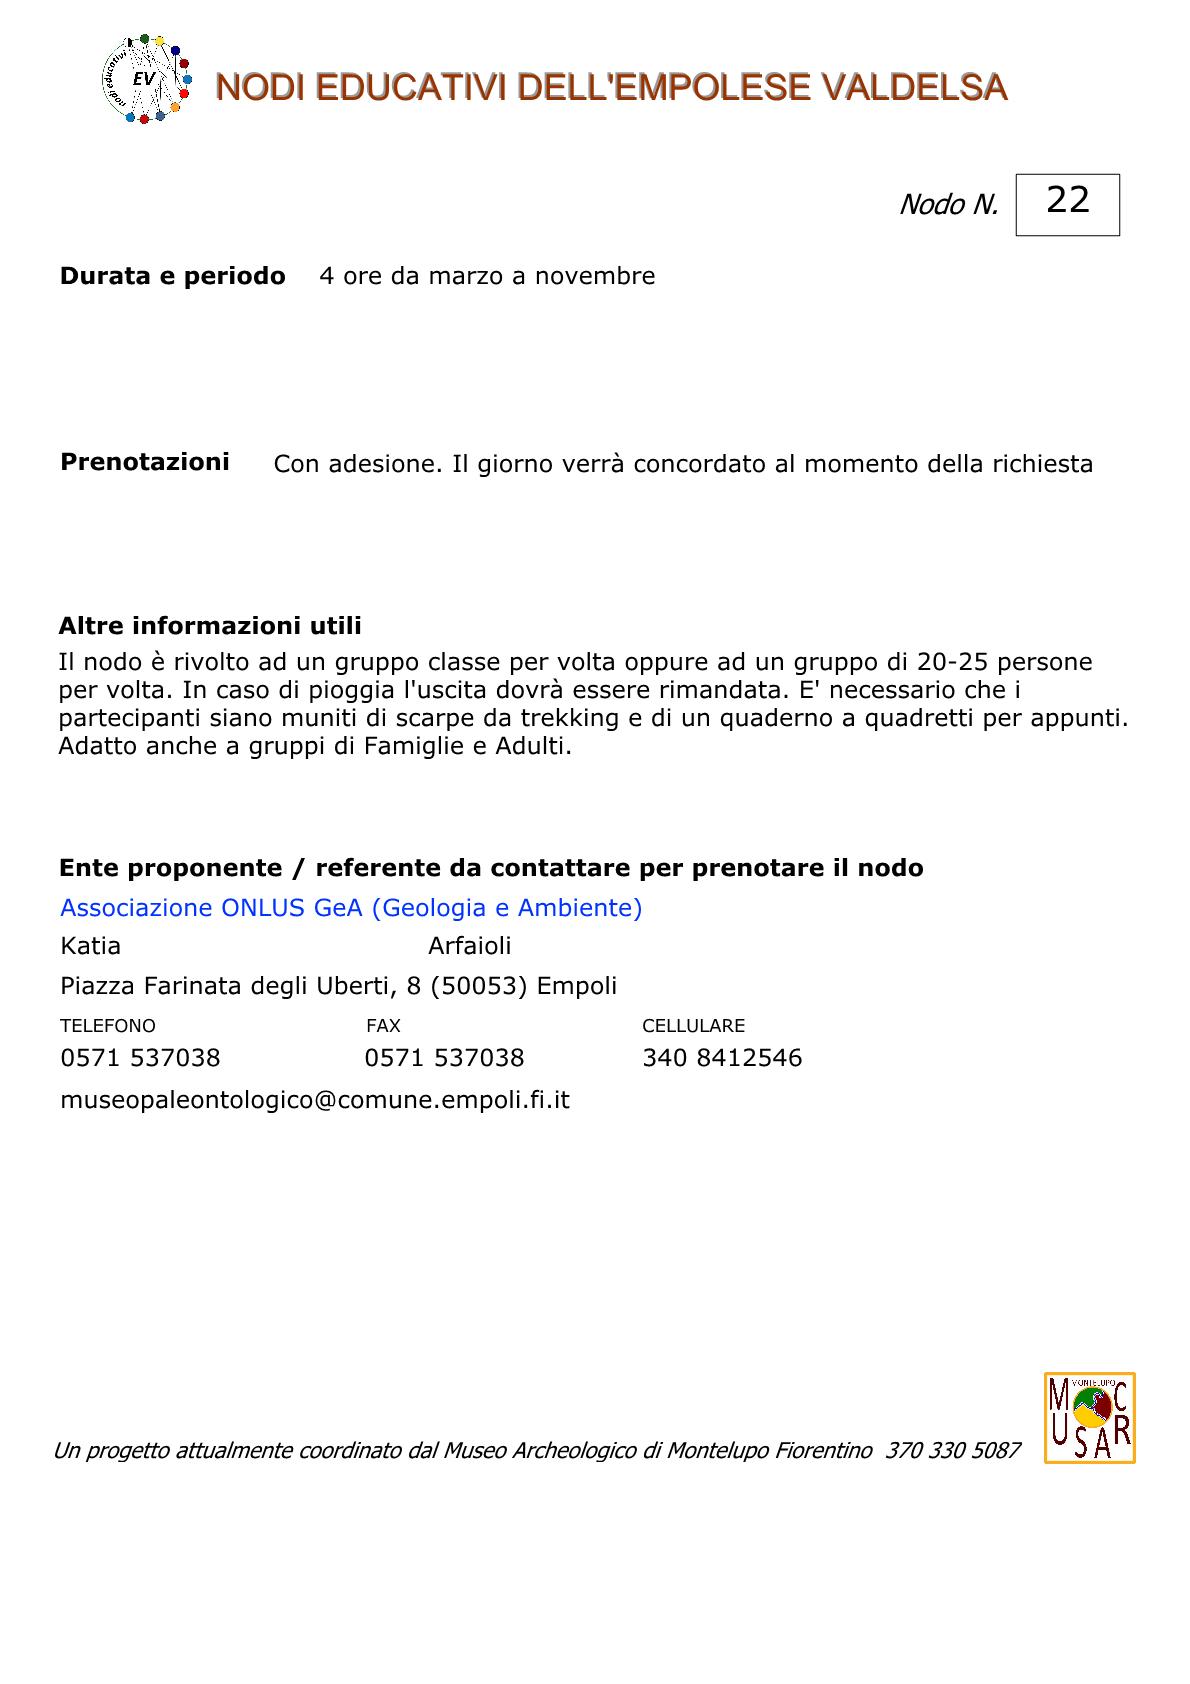 nodi-ev-161001-n-0223